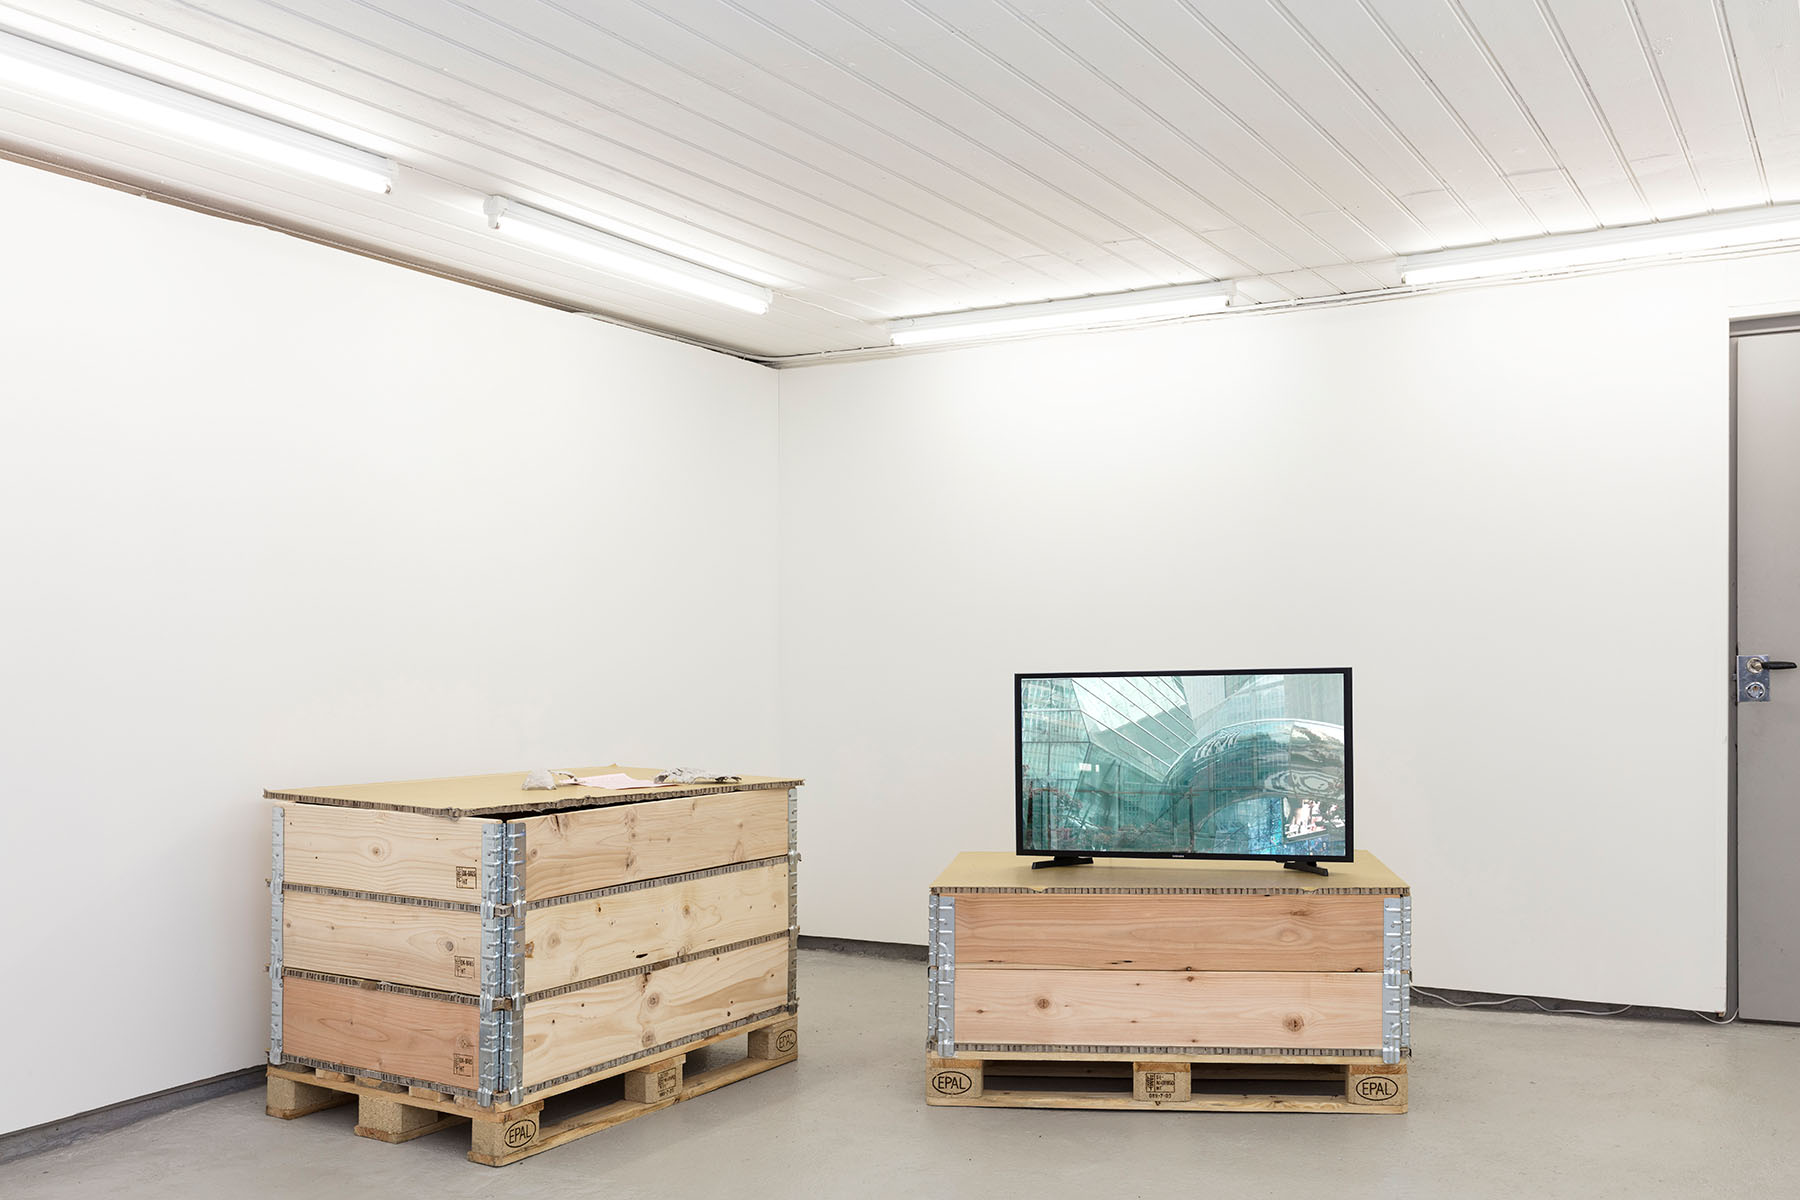 Markus von Platen - Harvest at MELK 2017